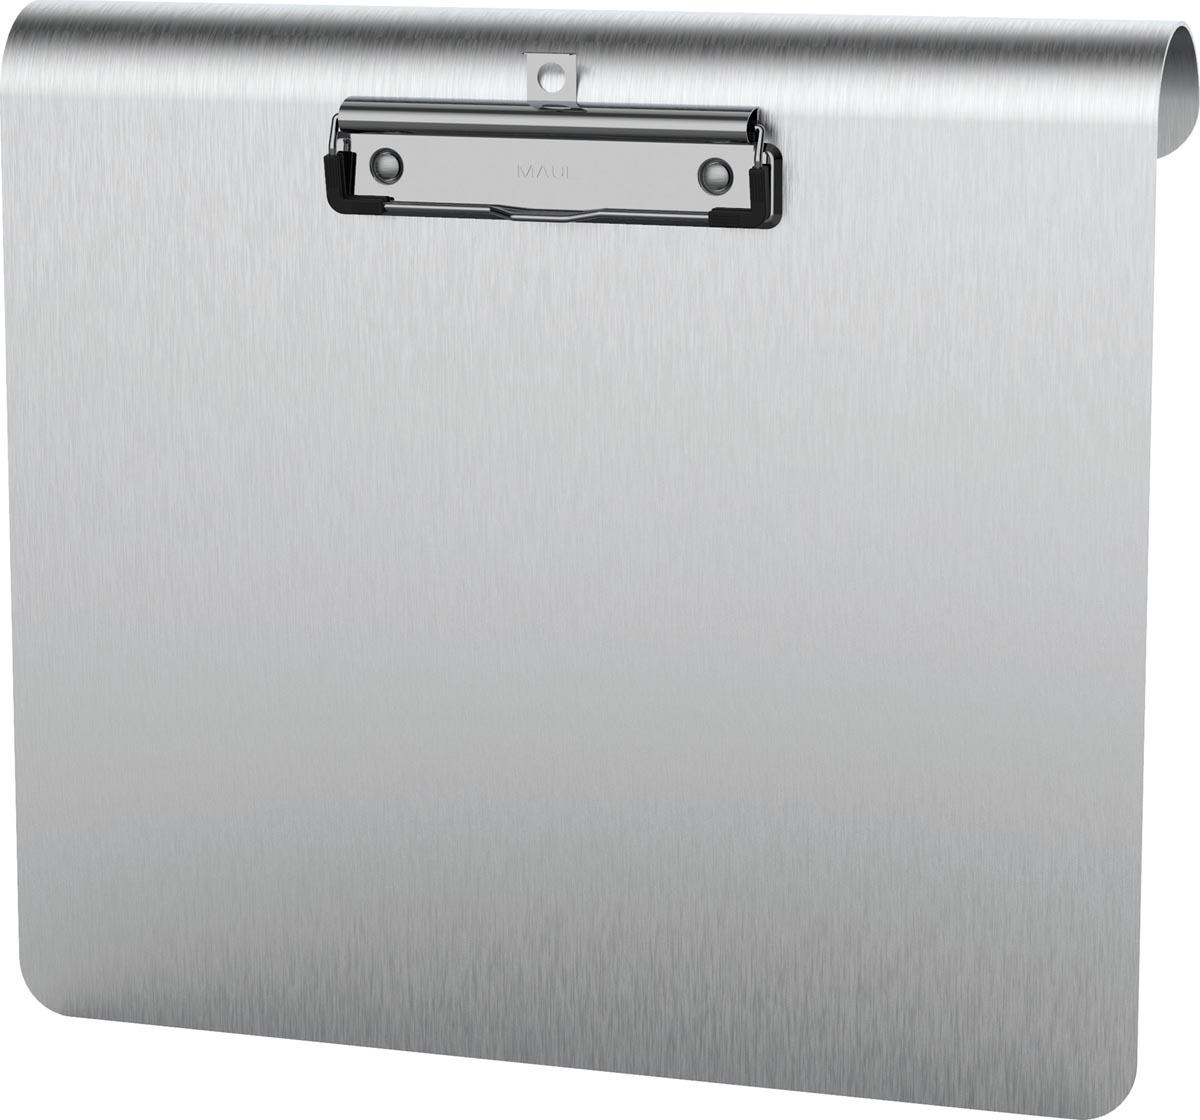 Maul klemplaat MAULmedic ft A4, aluminium, met RVS-klem, liggend